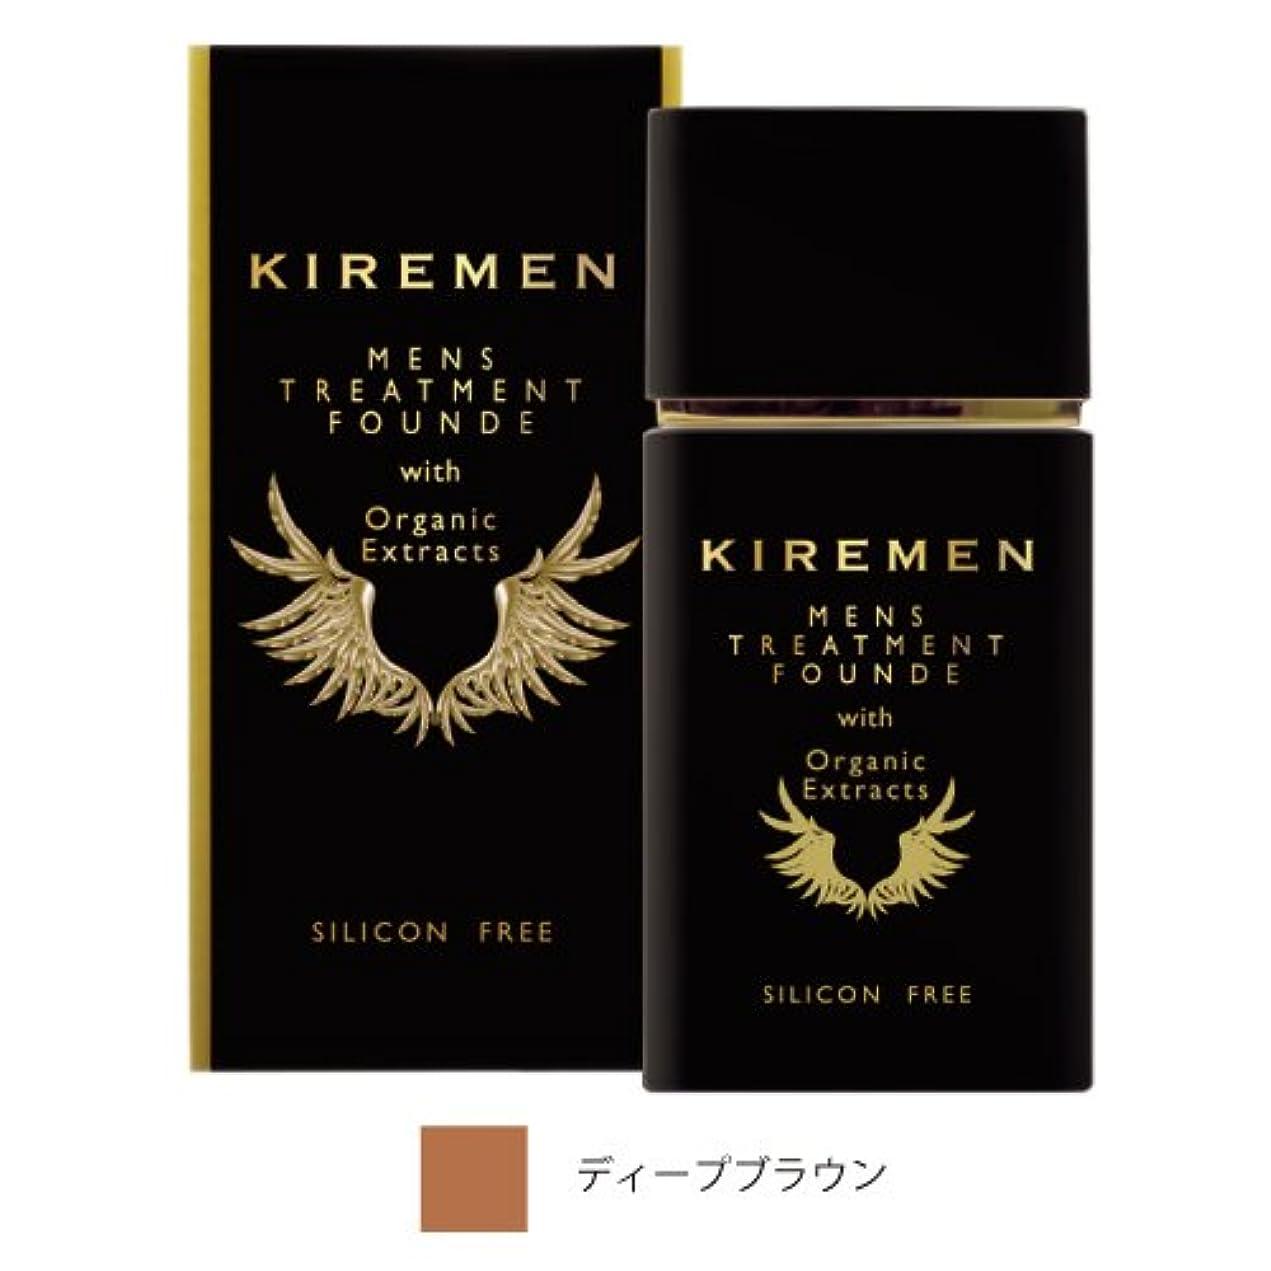 雄大な統合ねじれキレメン KIREMEN メンズファンデーション (ディープブラウン)